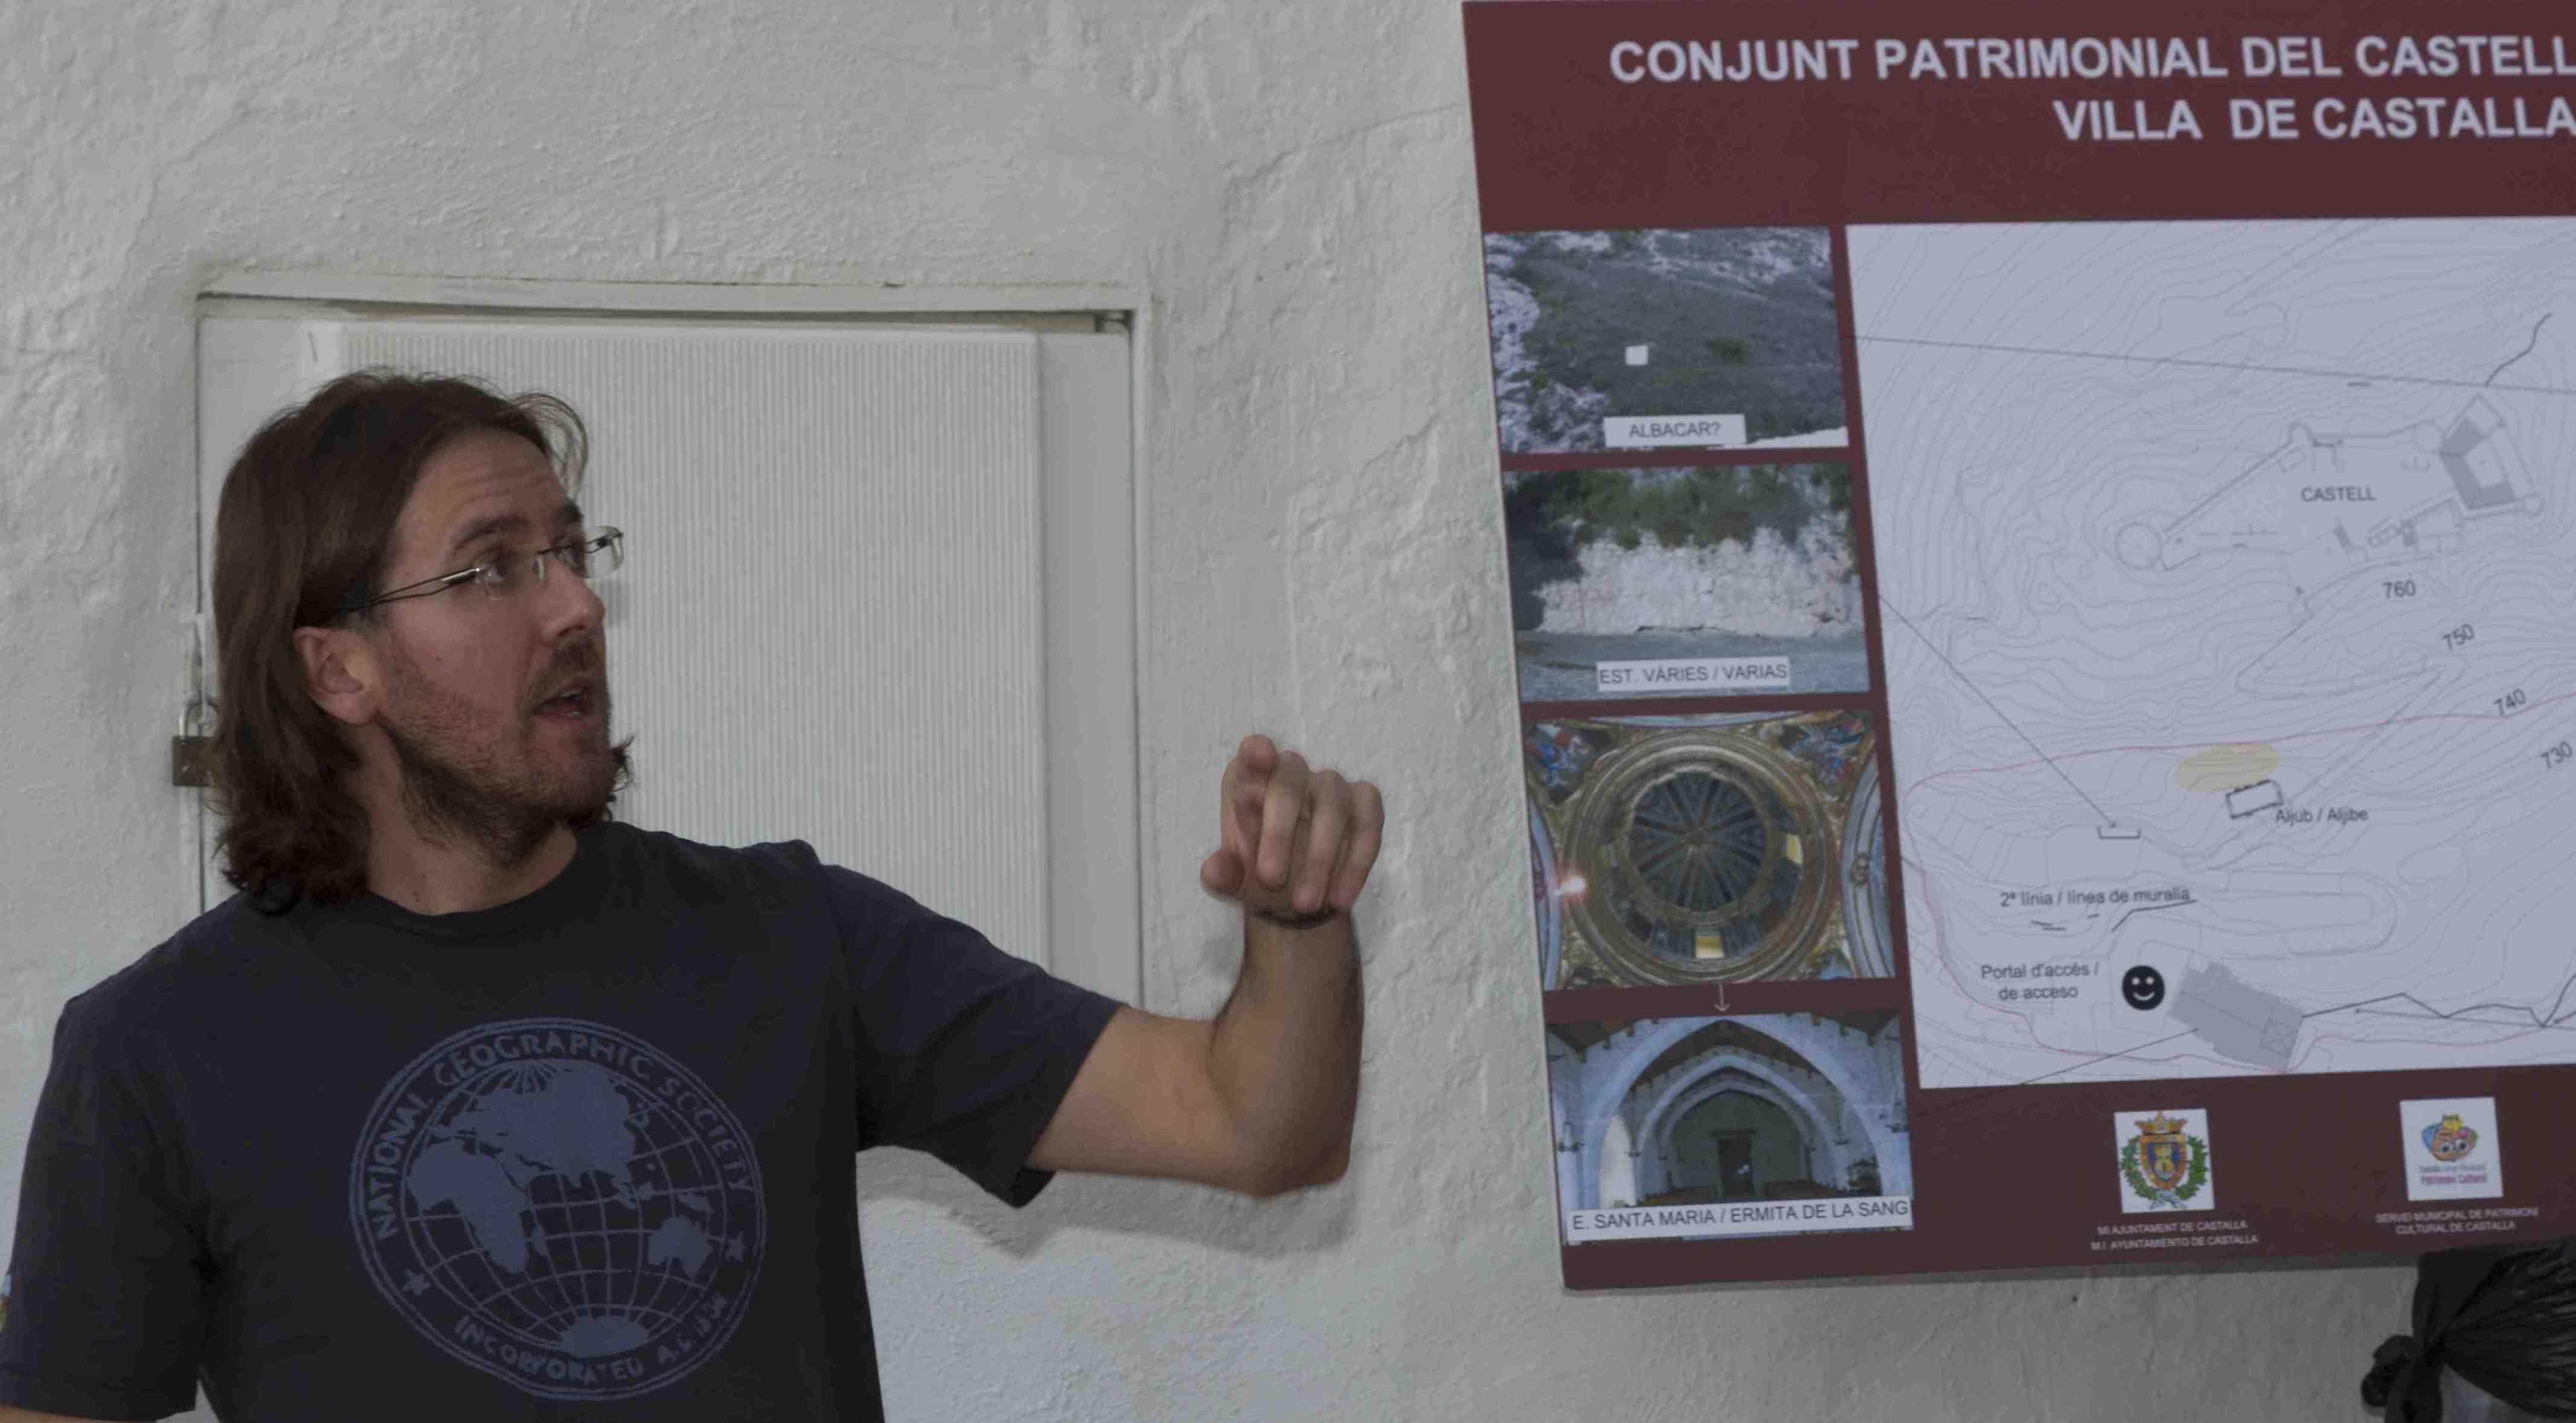 Una editorial británica publica la tesis del castallense Juan Antonio Mira sobre la gestión municipal de los castillos de la provincia de Alicante